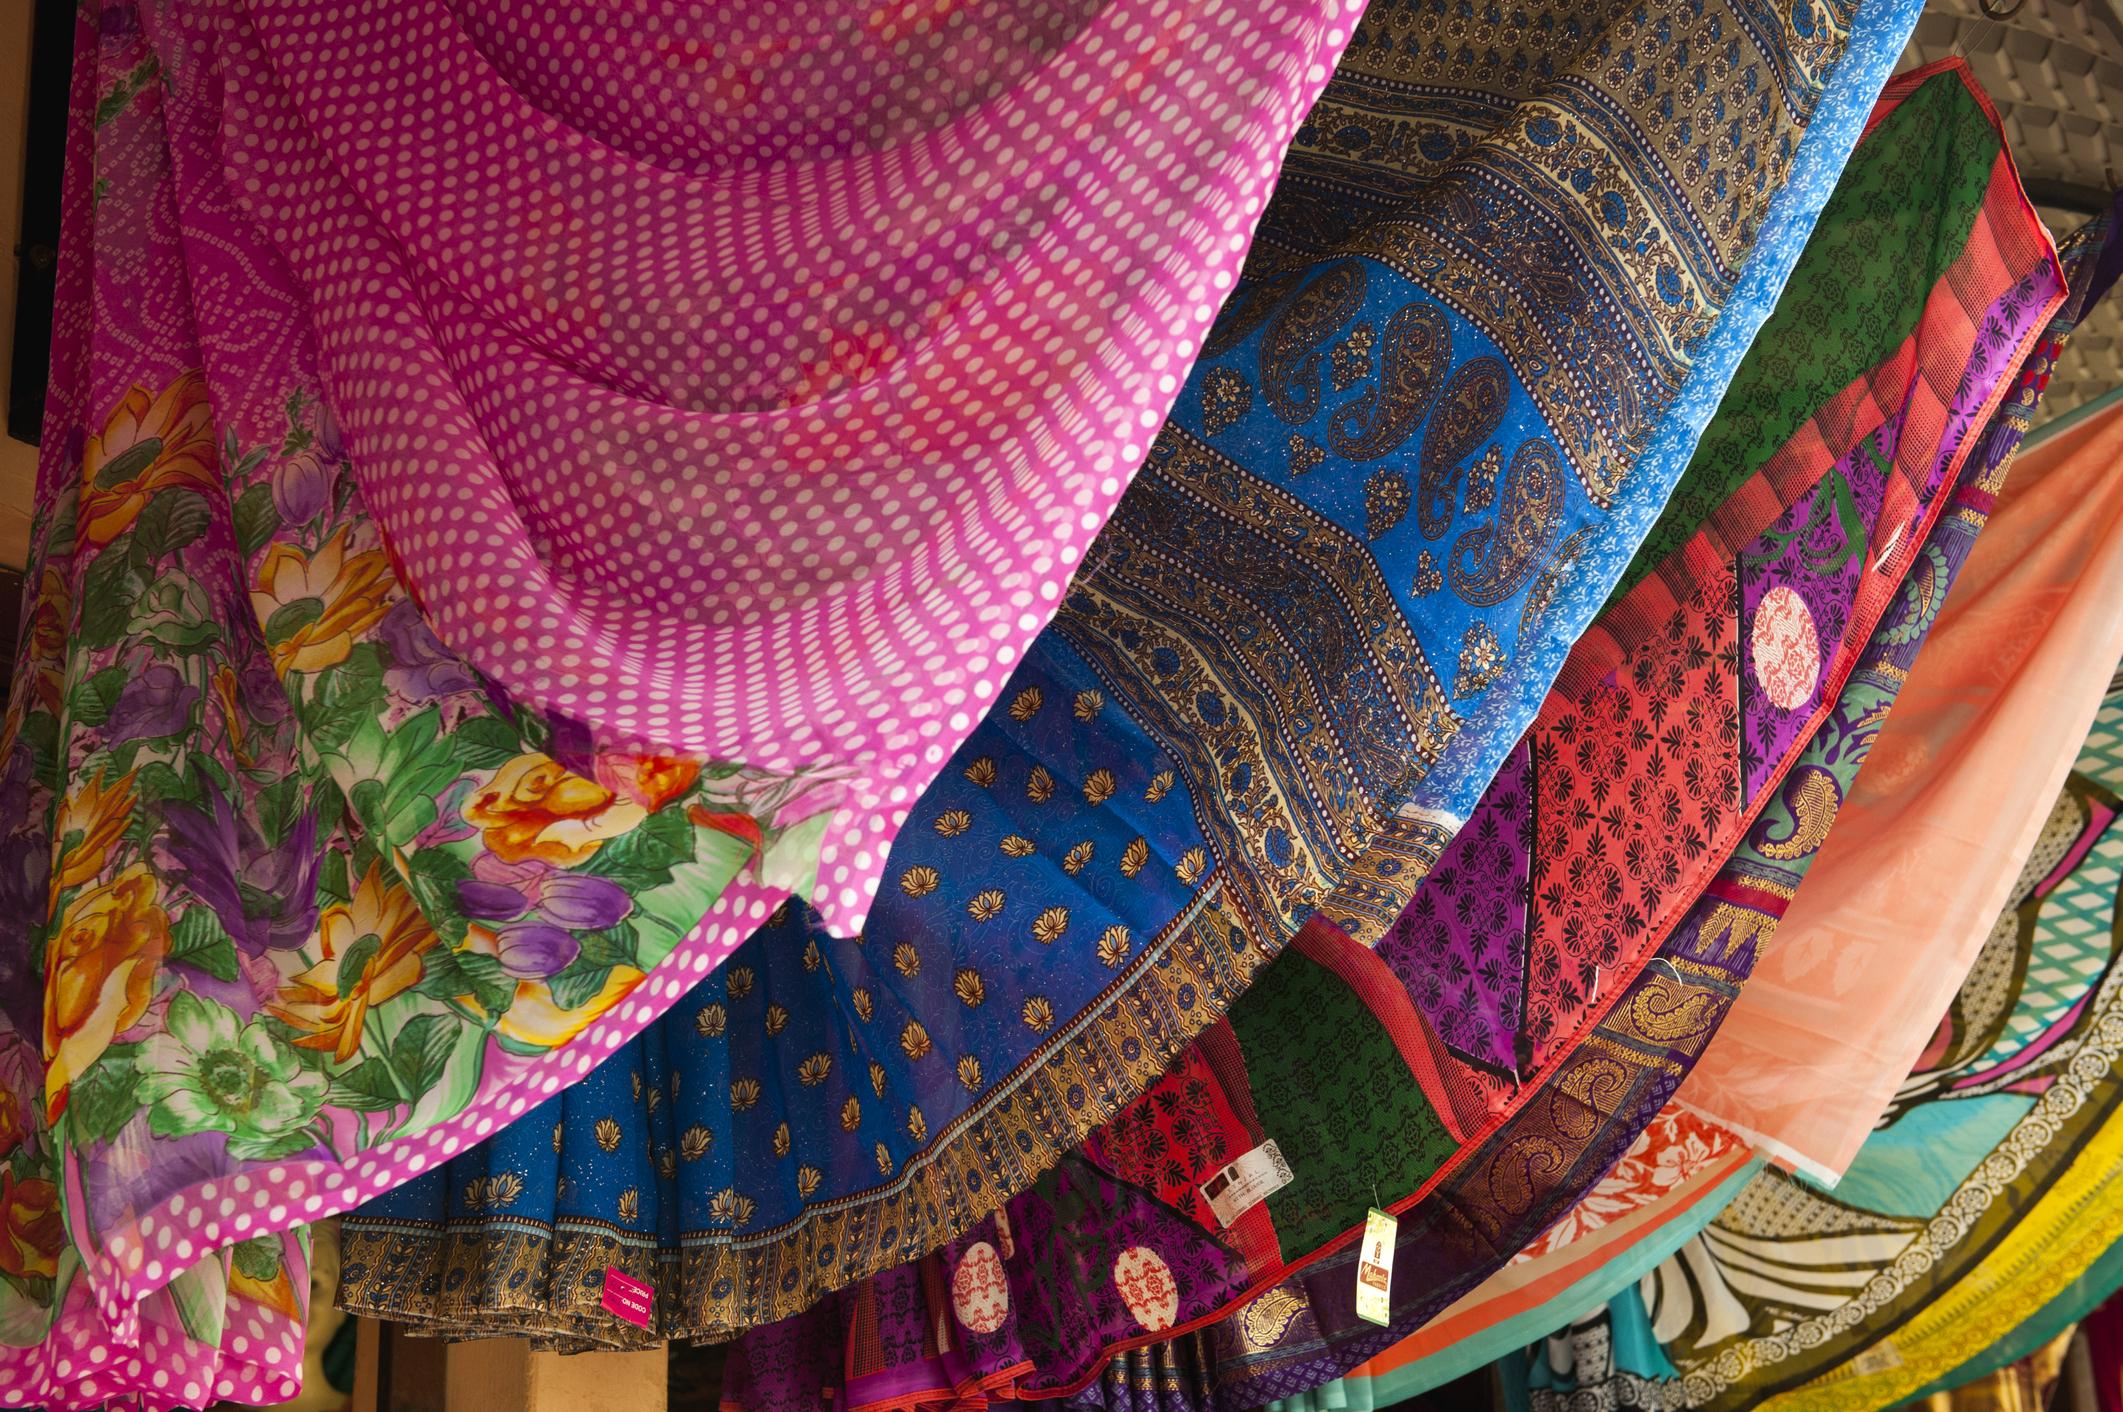 A row of saris